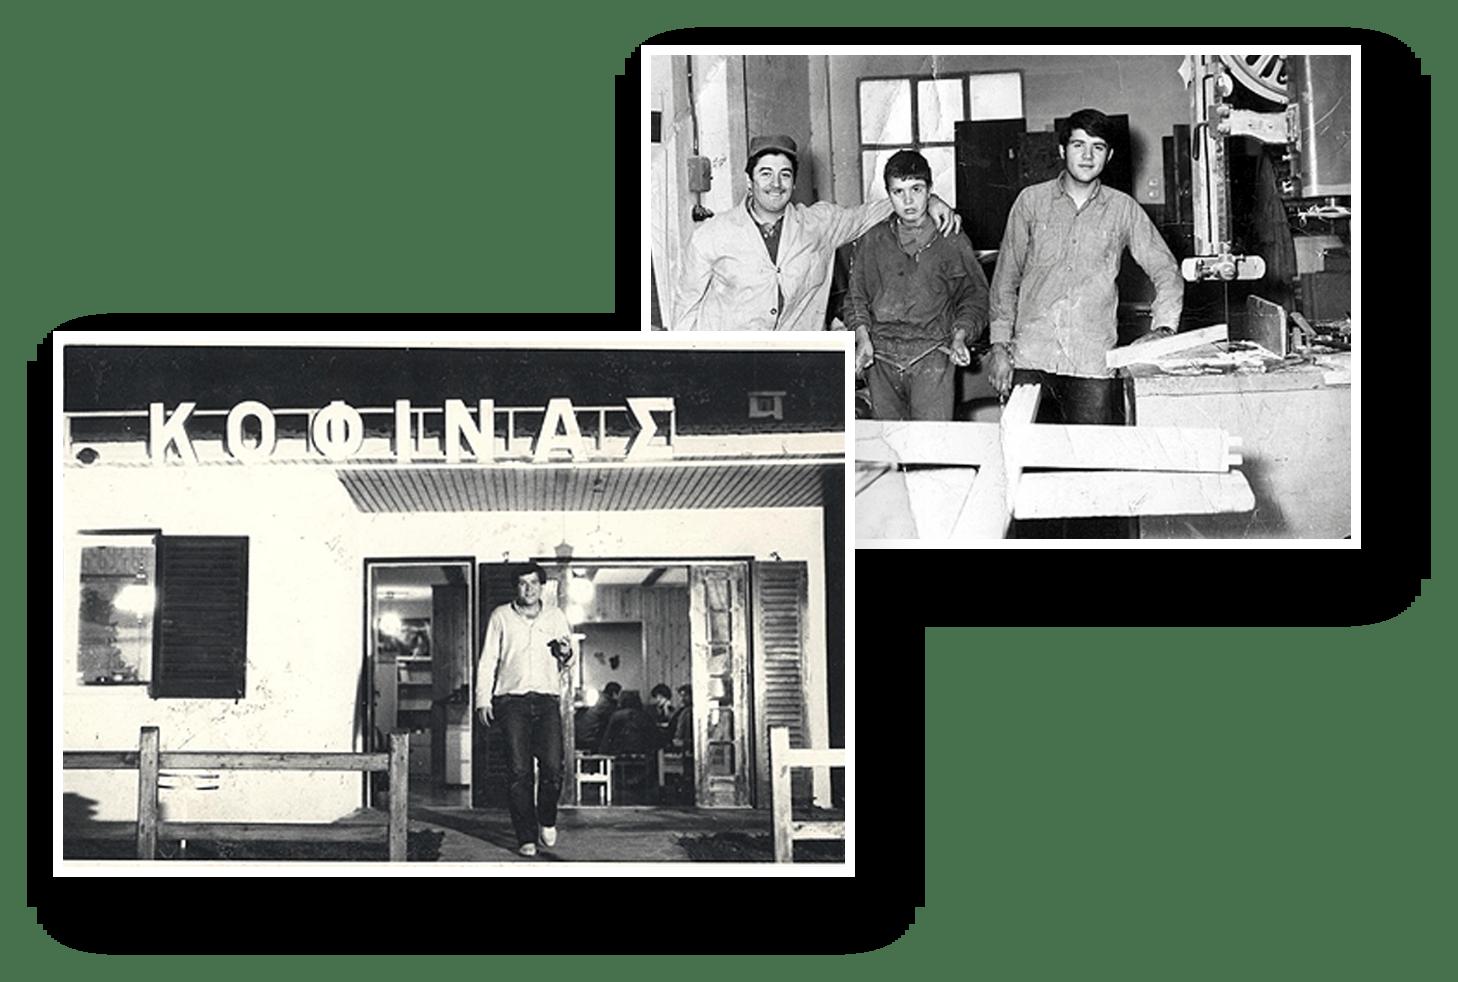 Ιστορικό της Εταιρίας